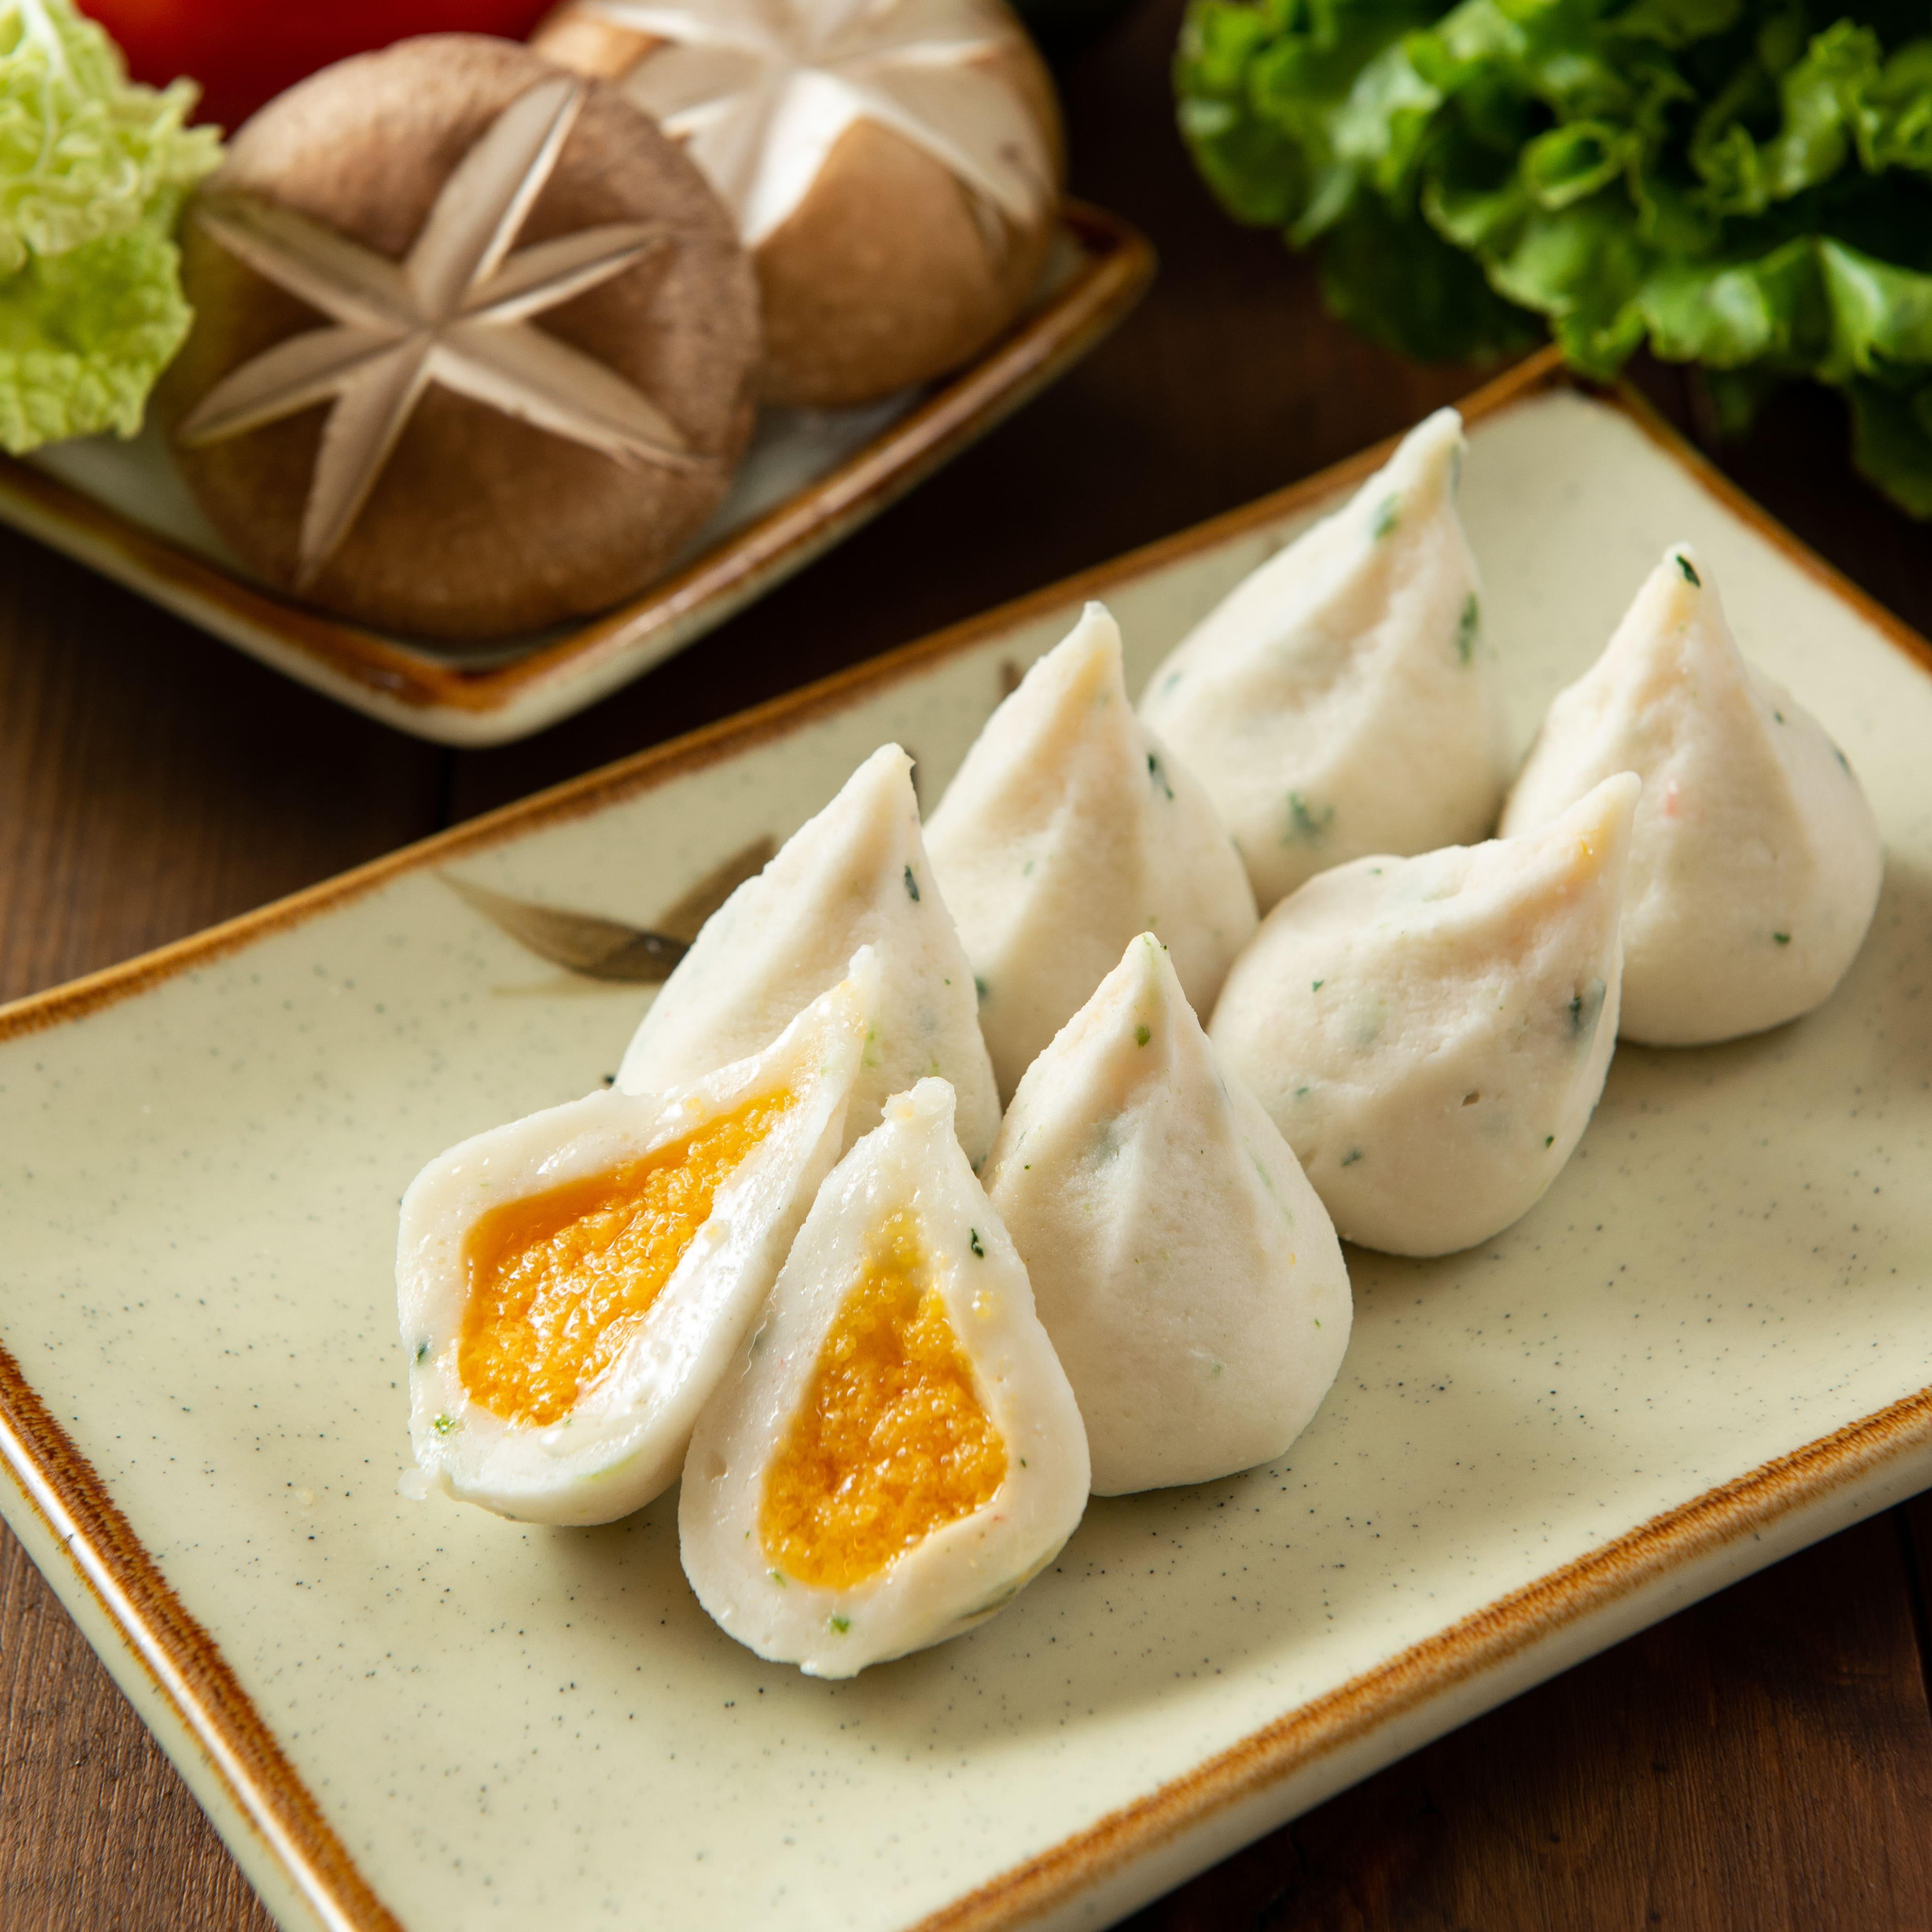 魚包蛋 300g 火鍋料 關東煮 鍋物